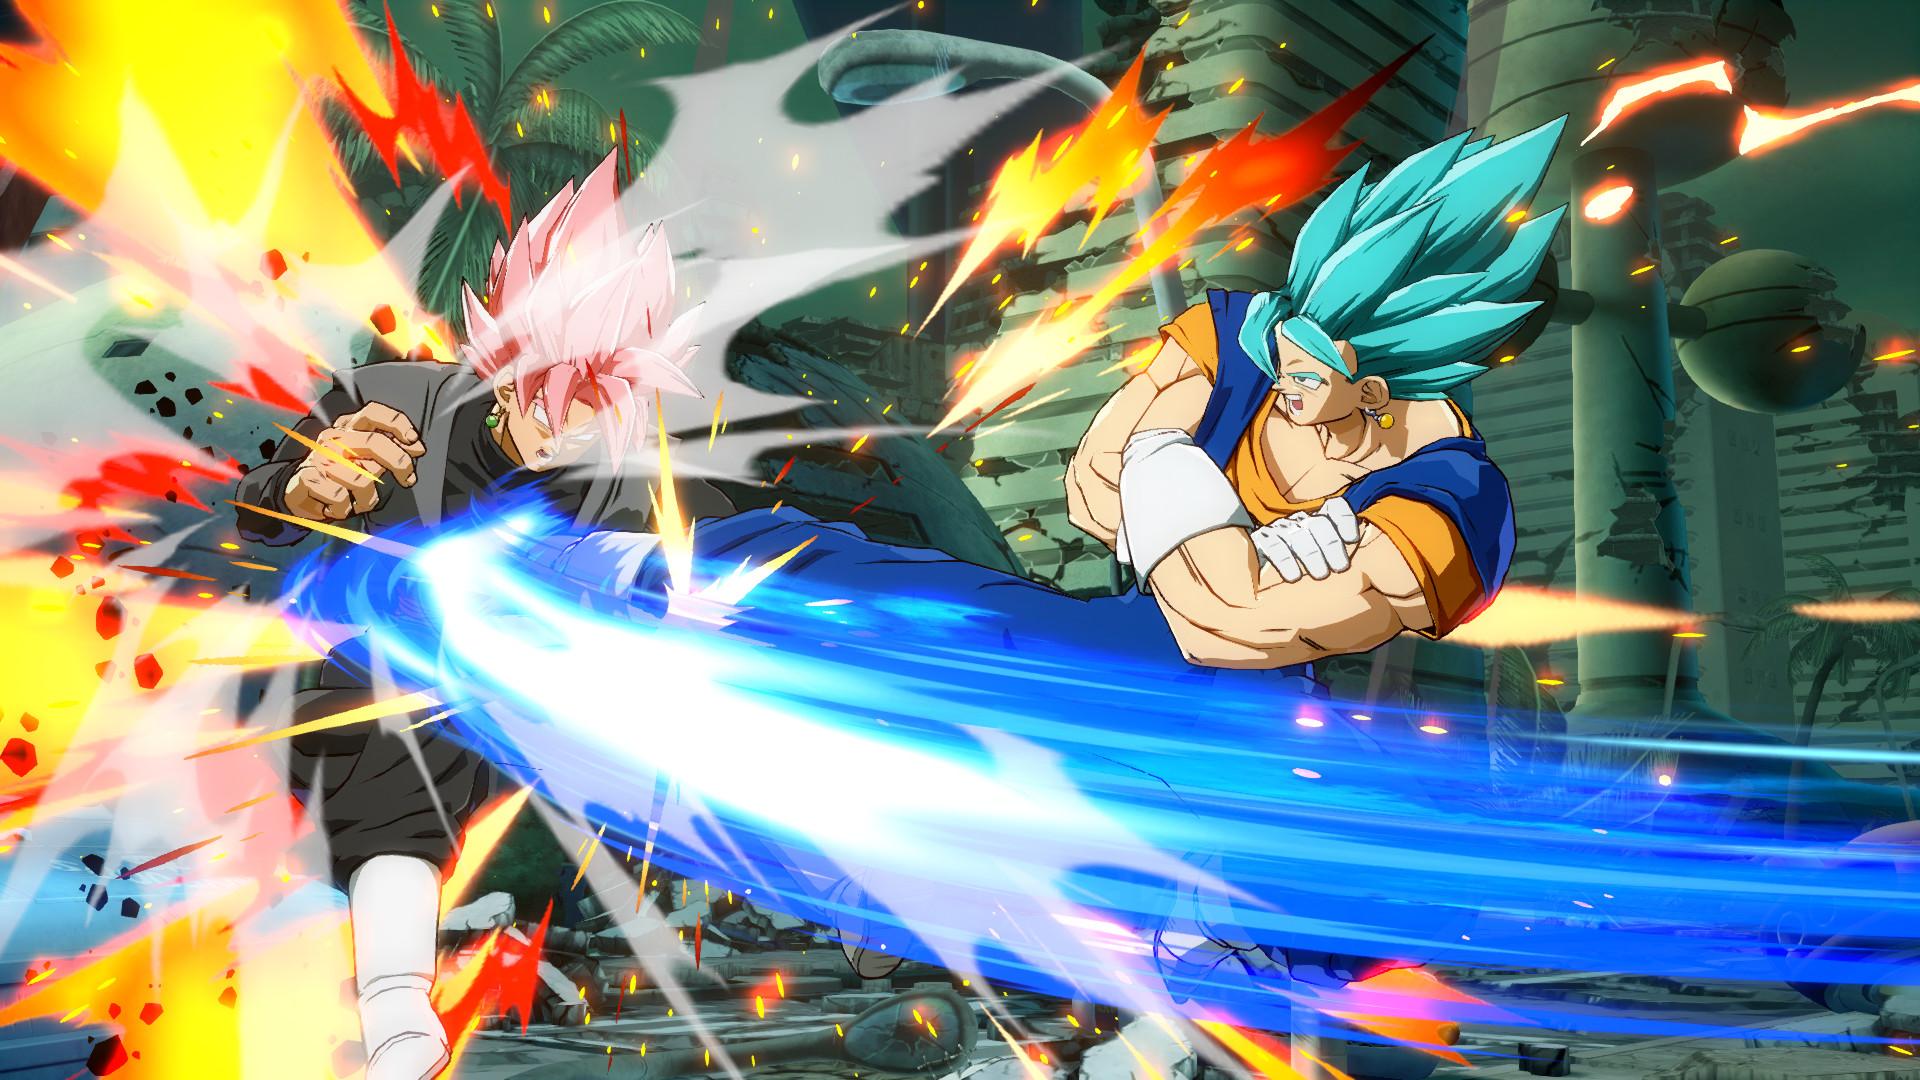 Dragon Ball FighterZ - SSGSS Goku kicking Goku Black